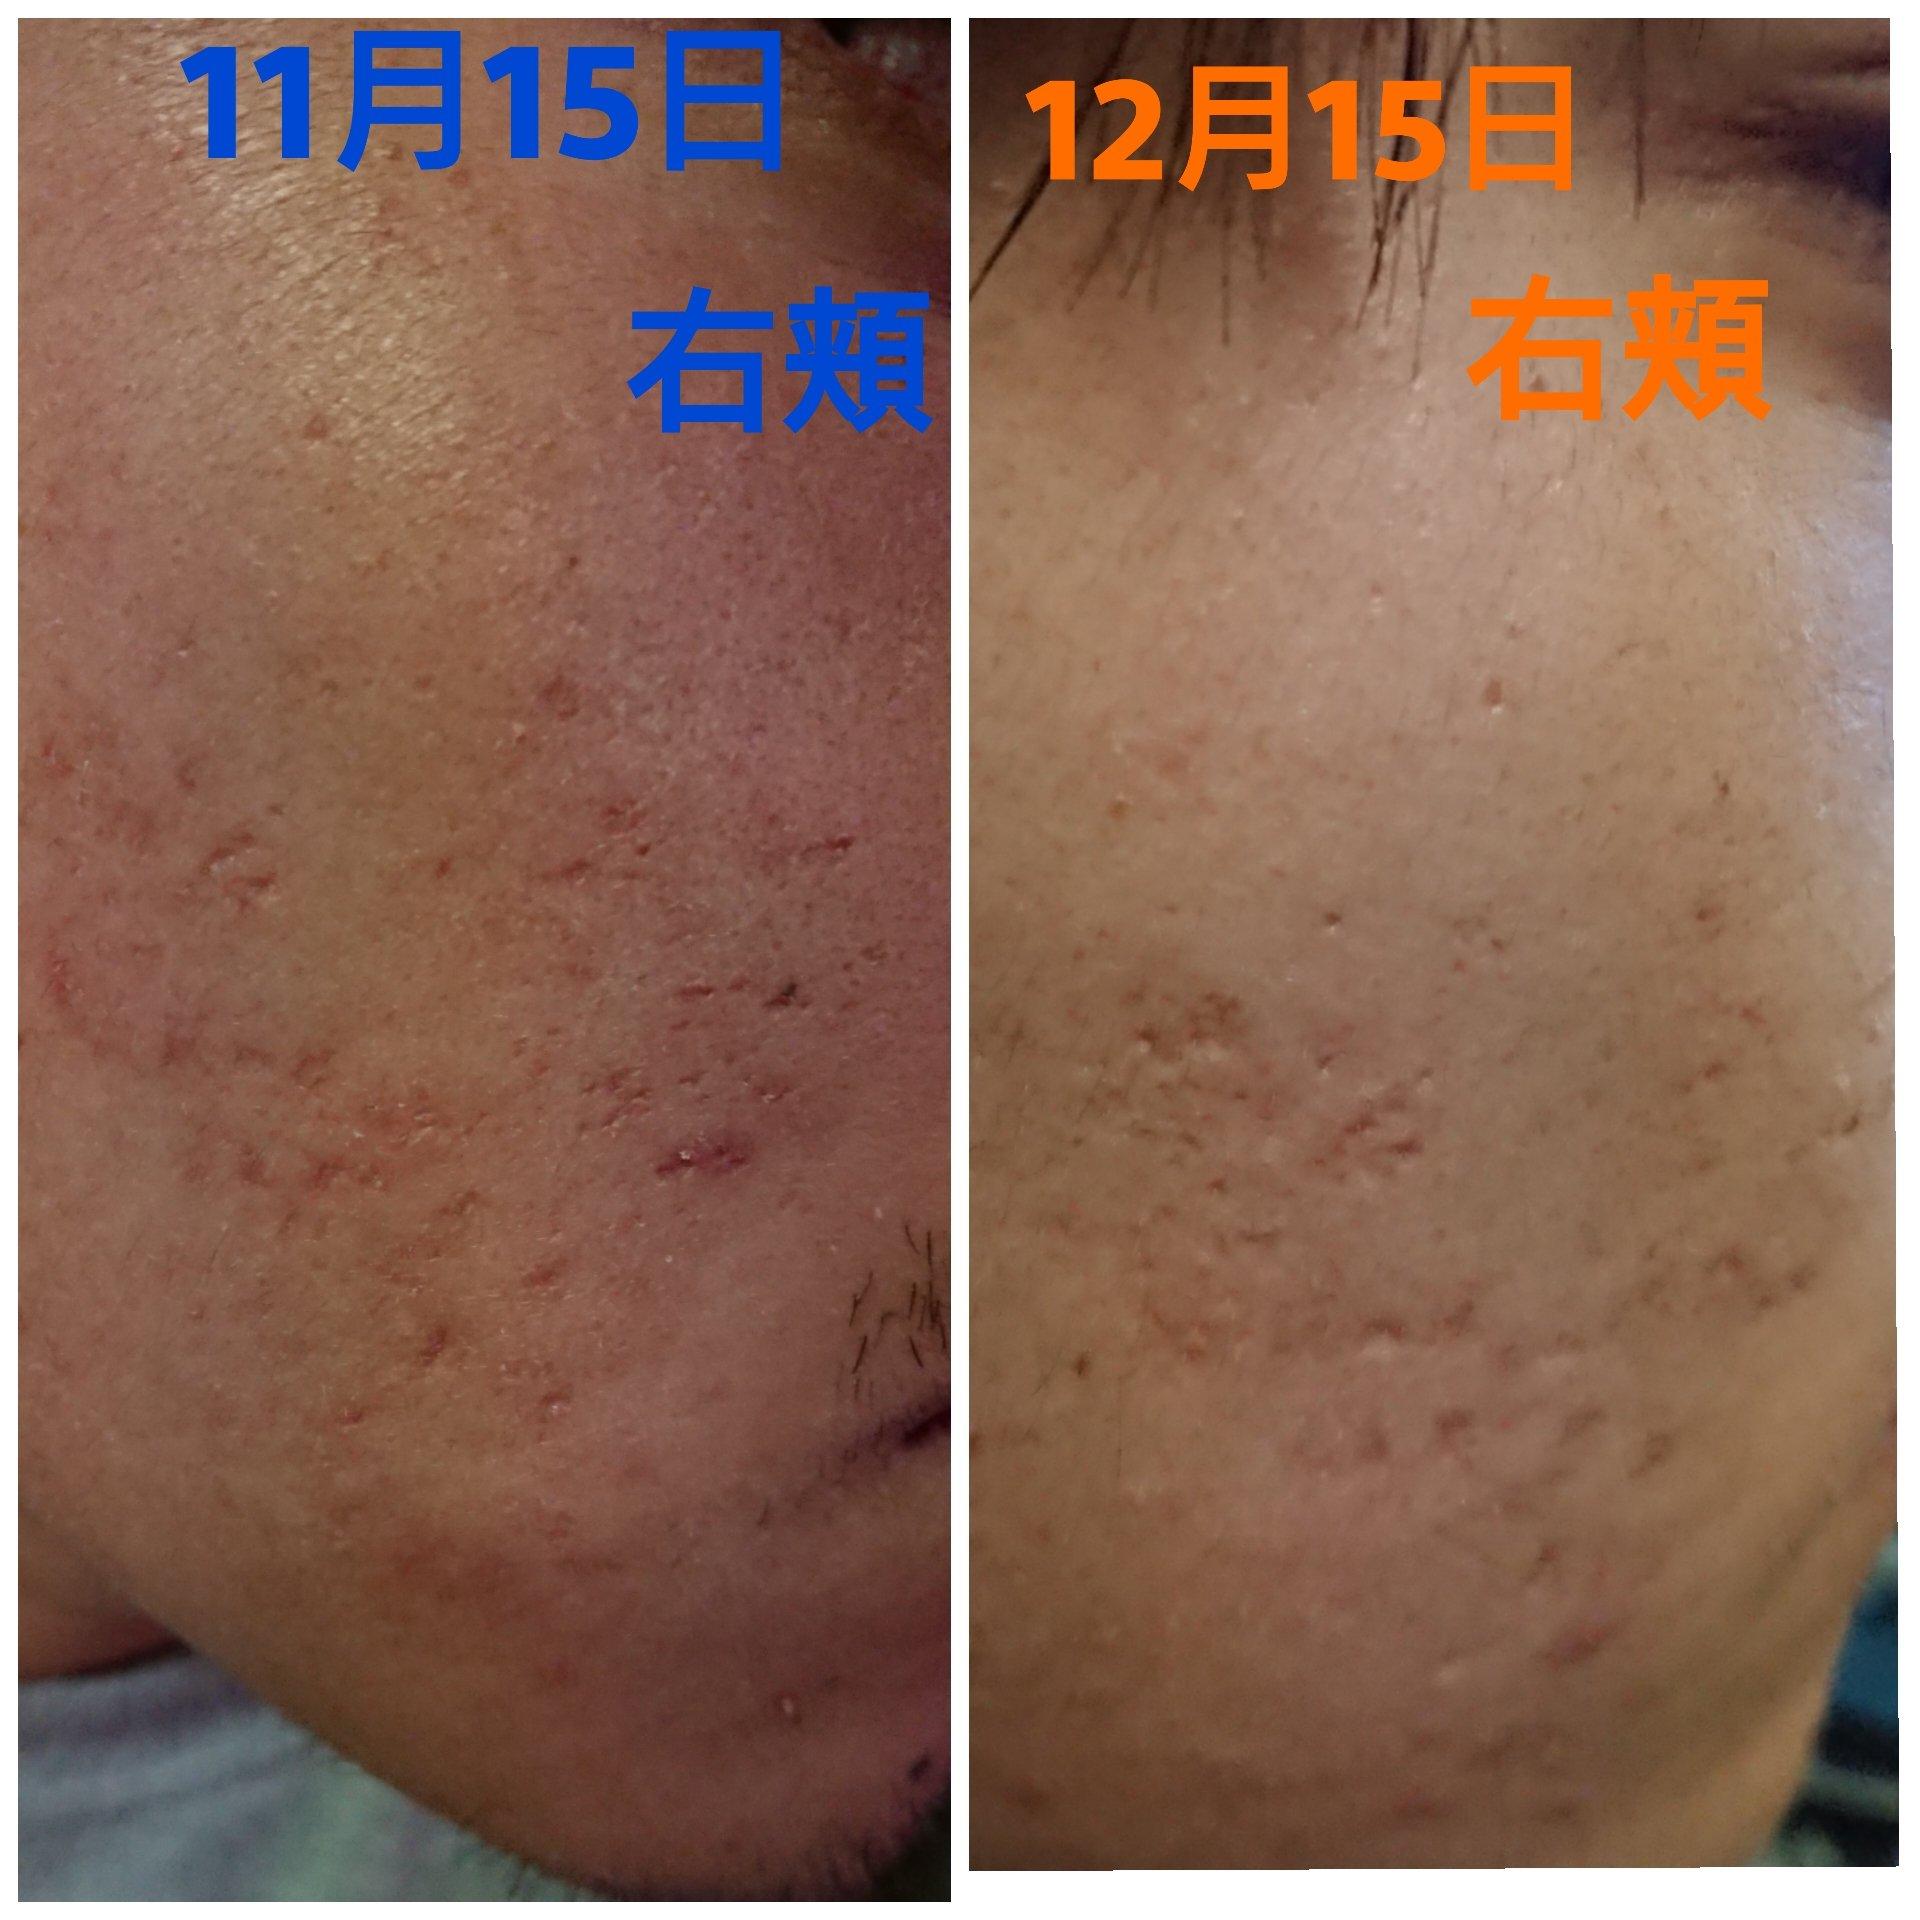 ヒト幹細胞培養美容液「R」肌の変化②